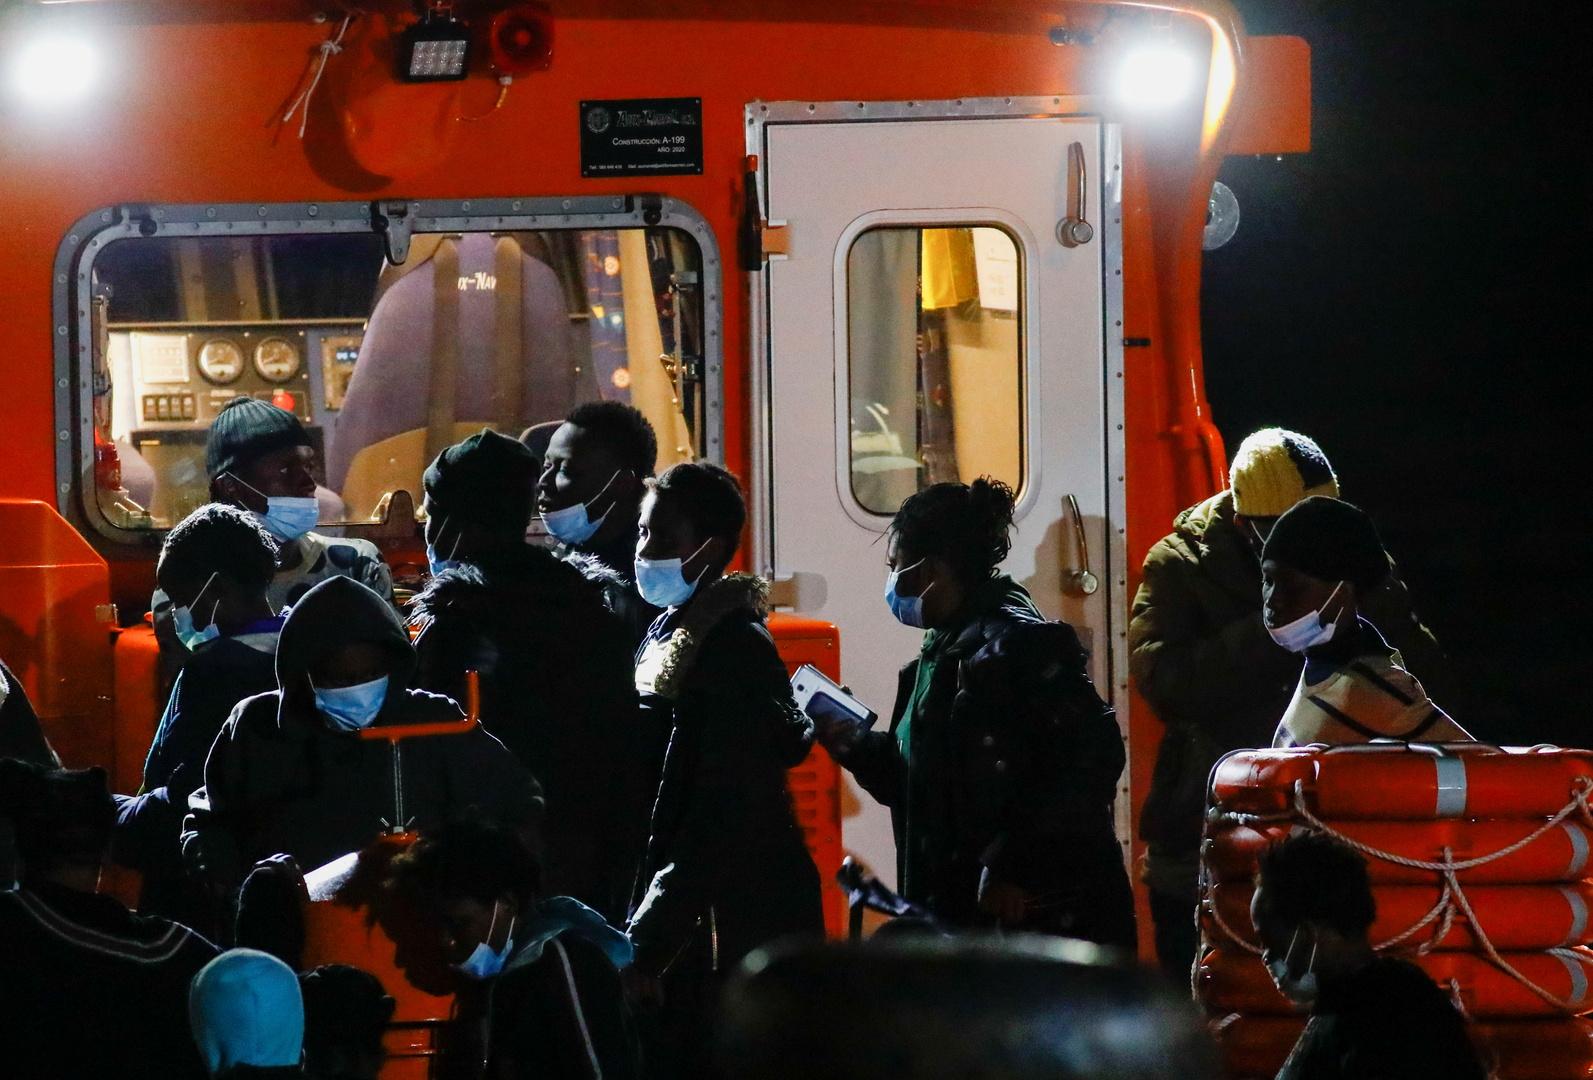 نشطاء: مصرع 40 مهاجرا إفريقيا جراء غرق سفينة كانت تقلهم إلى جزر الكناري